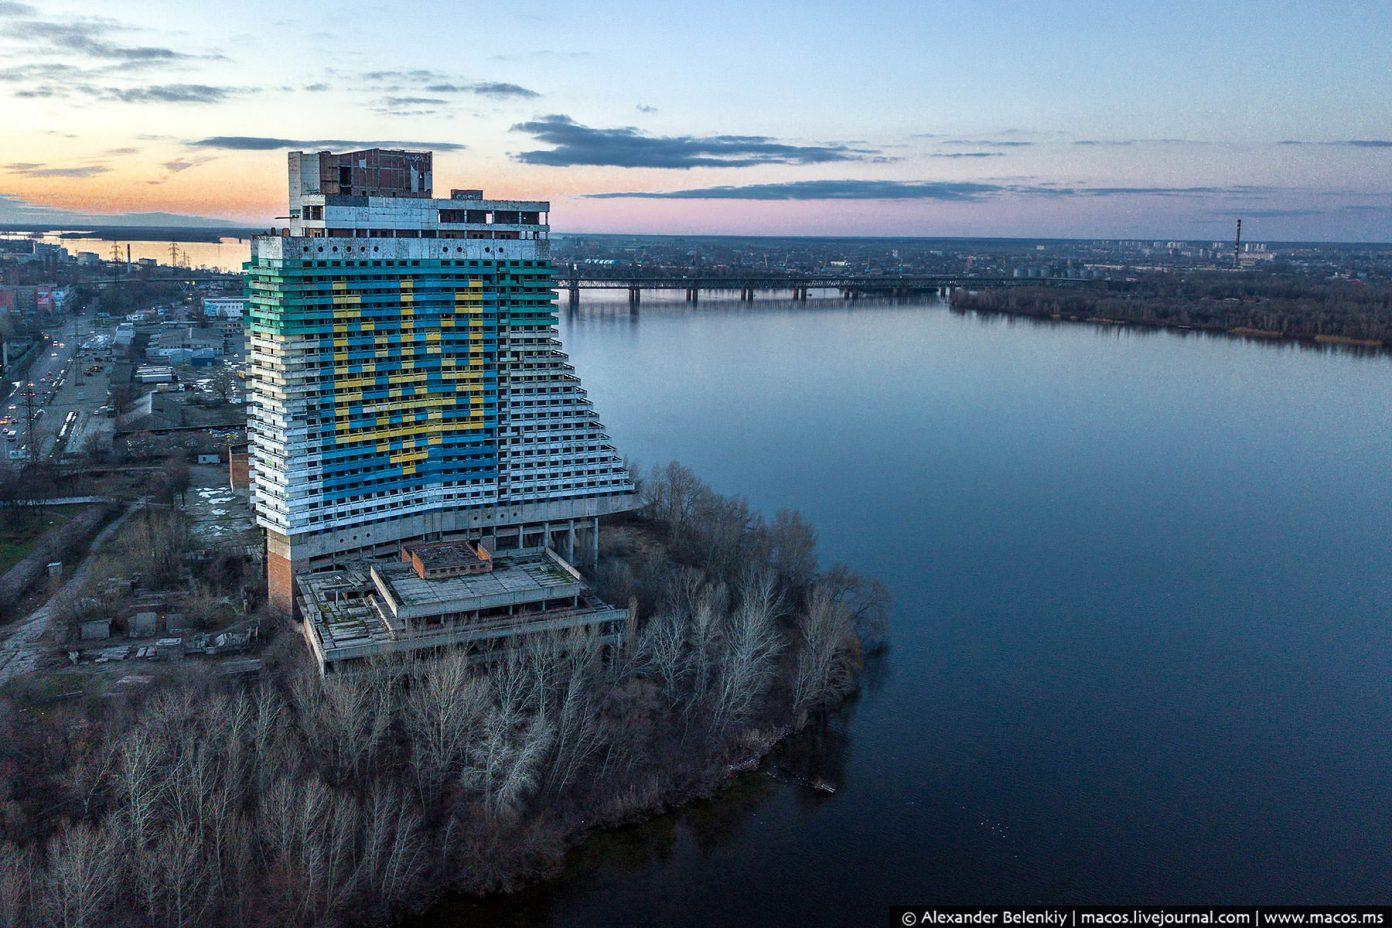 Украина близка к тому, чтобы окончательно потерять свою главную реку - Днепр. Скоро Киеву придётся питьевую воду у России брать